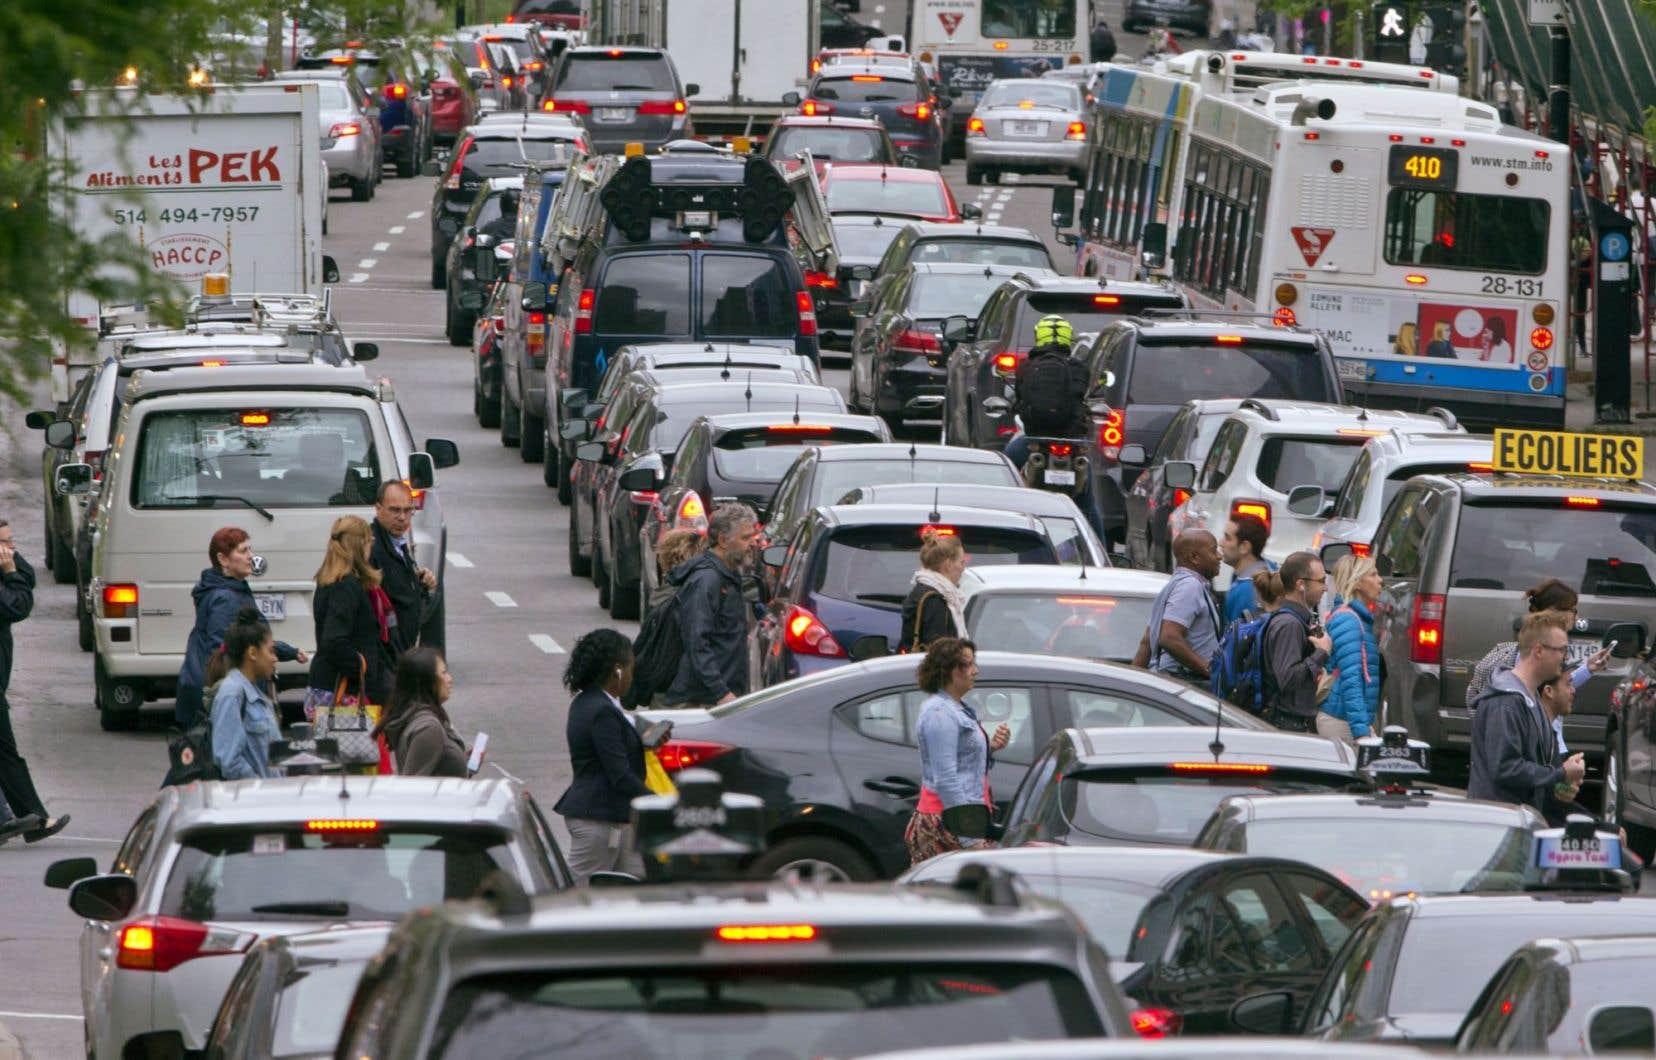 Les inspections routières, qui se feront de jour, causeront d'importants bouchons de circulation, a prévenu Québec.